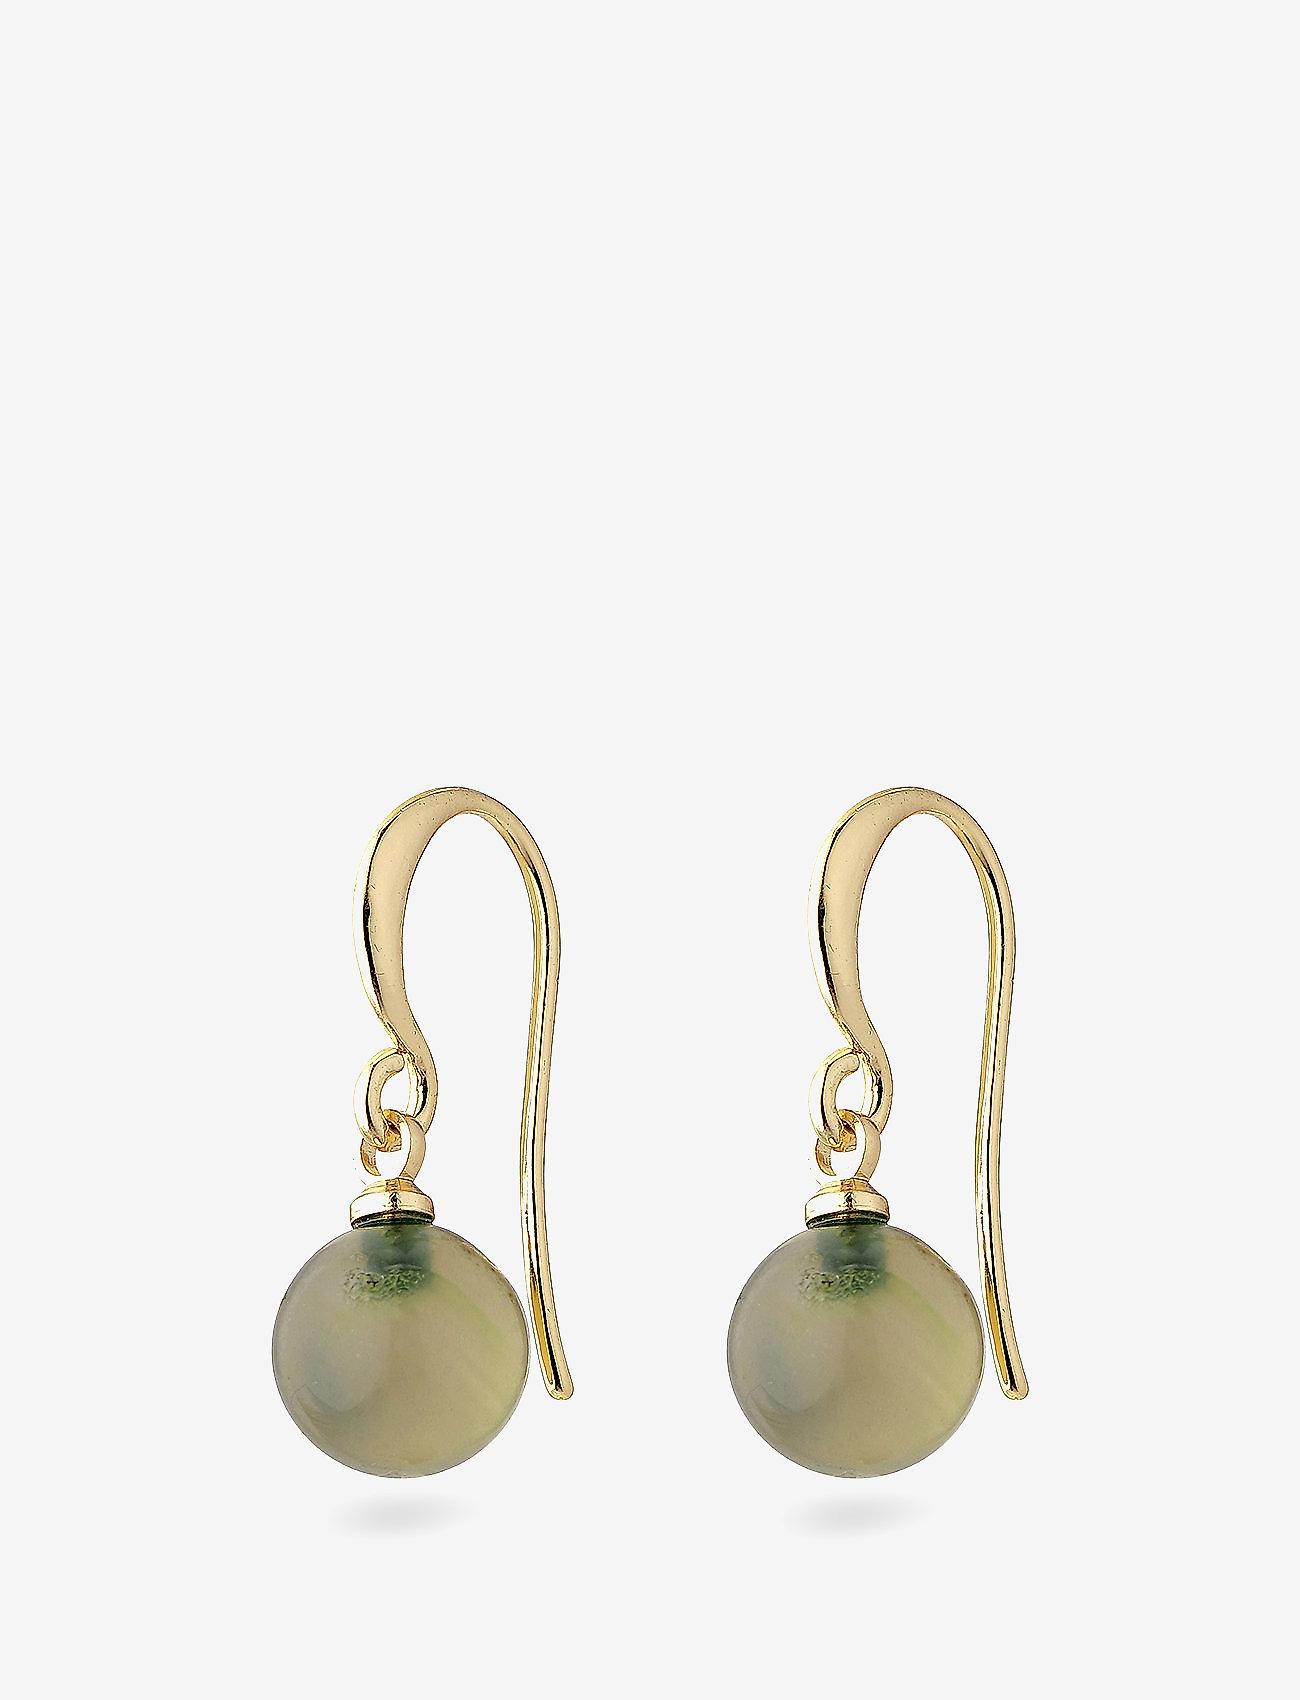 Pilgrim - Goldie - pendant - gold plated